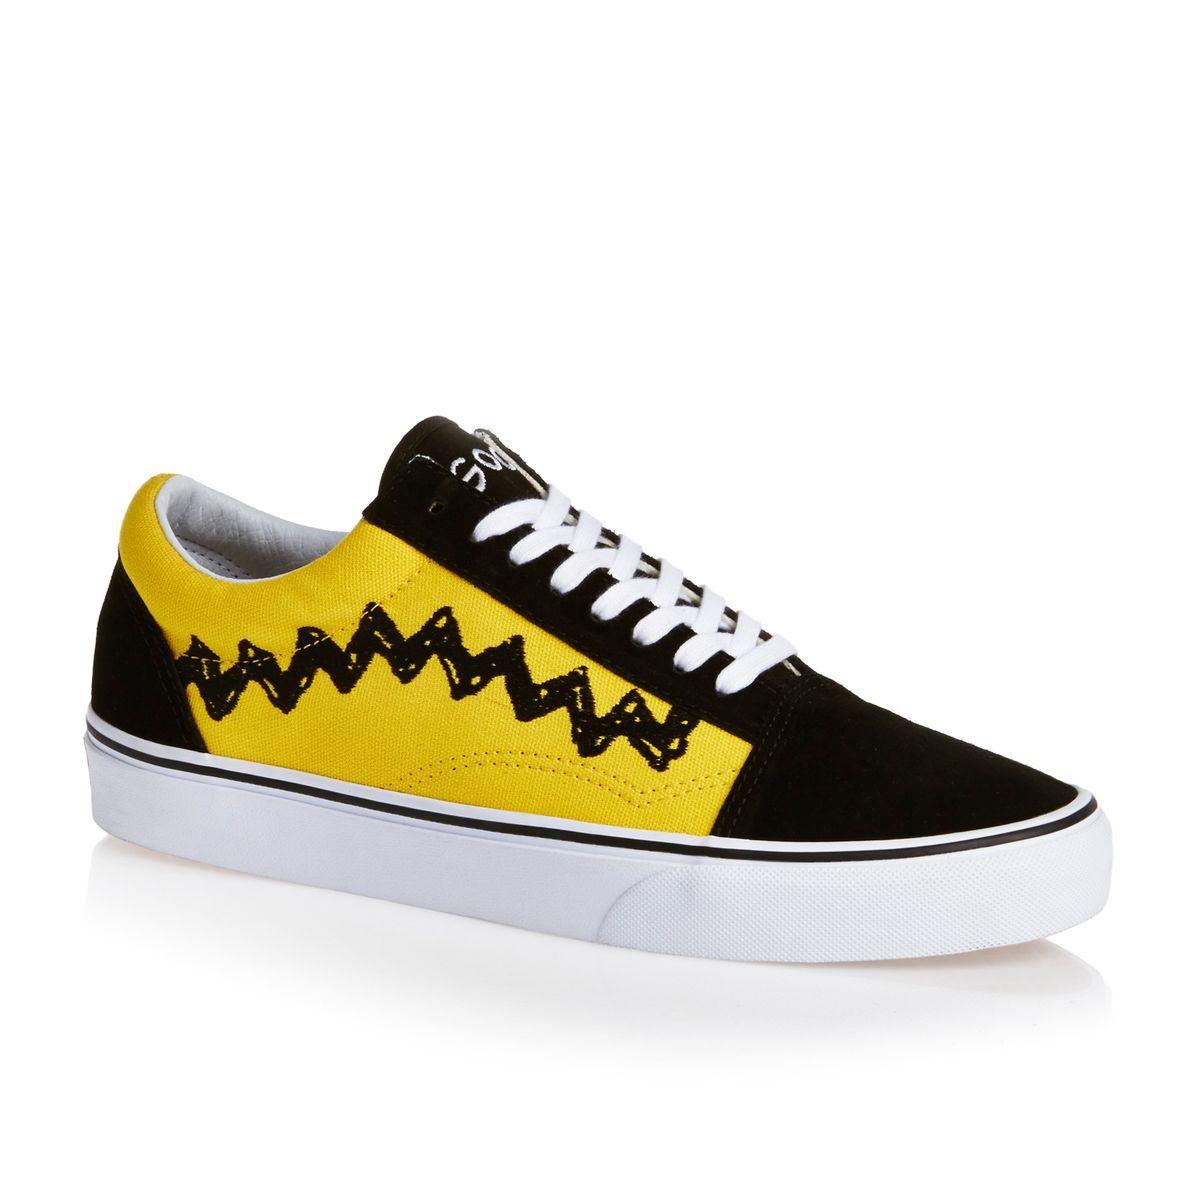 5682b8f12293 Vans x Peanuts Old Skool Shoes - Charlie Brown Black